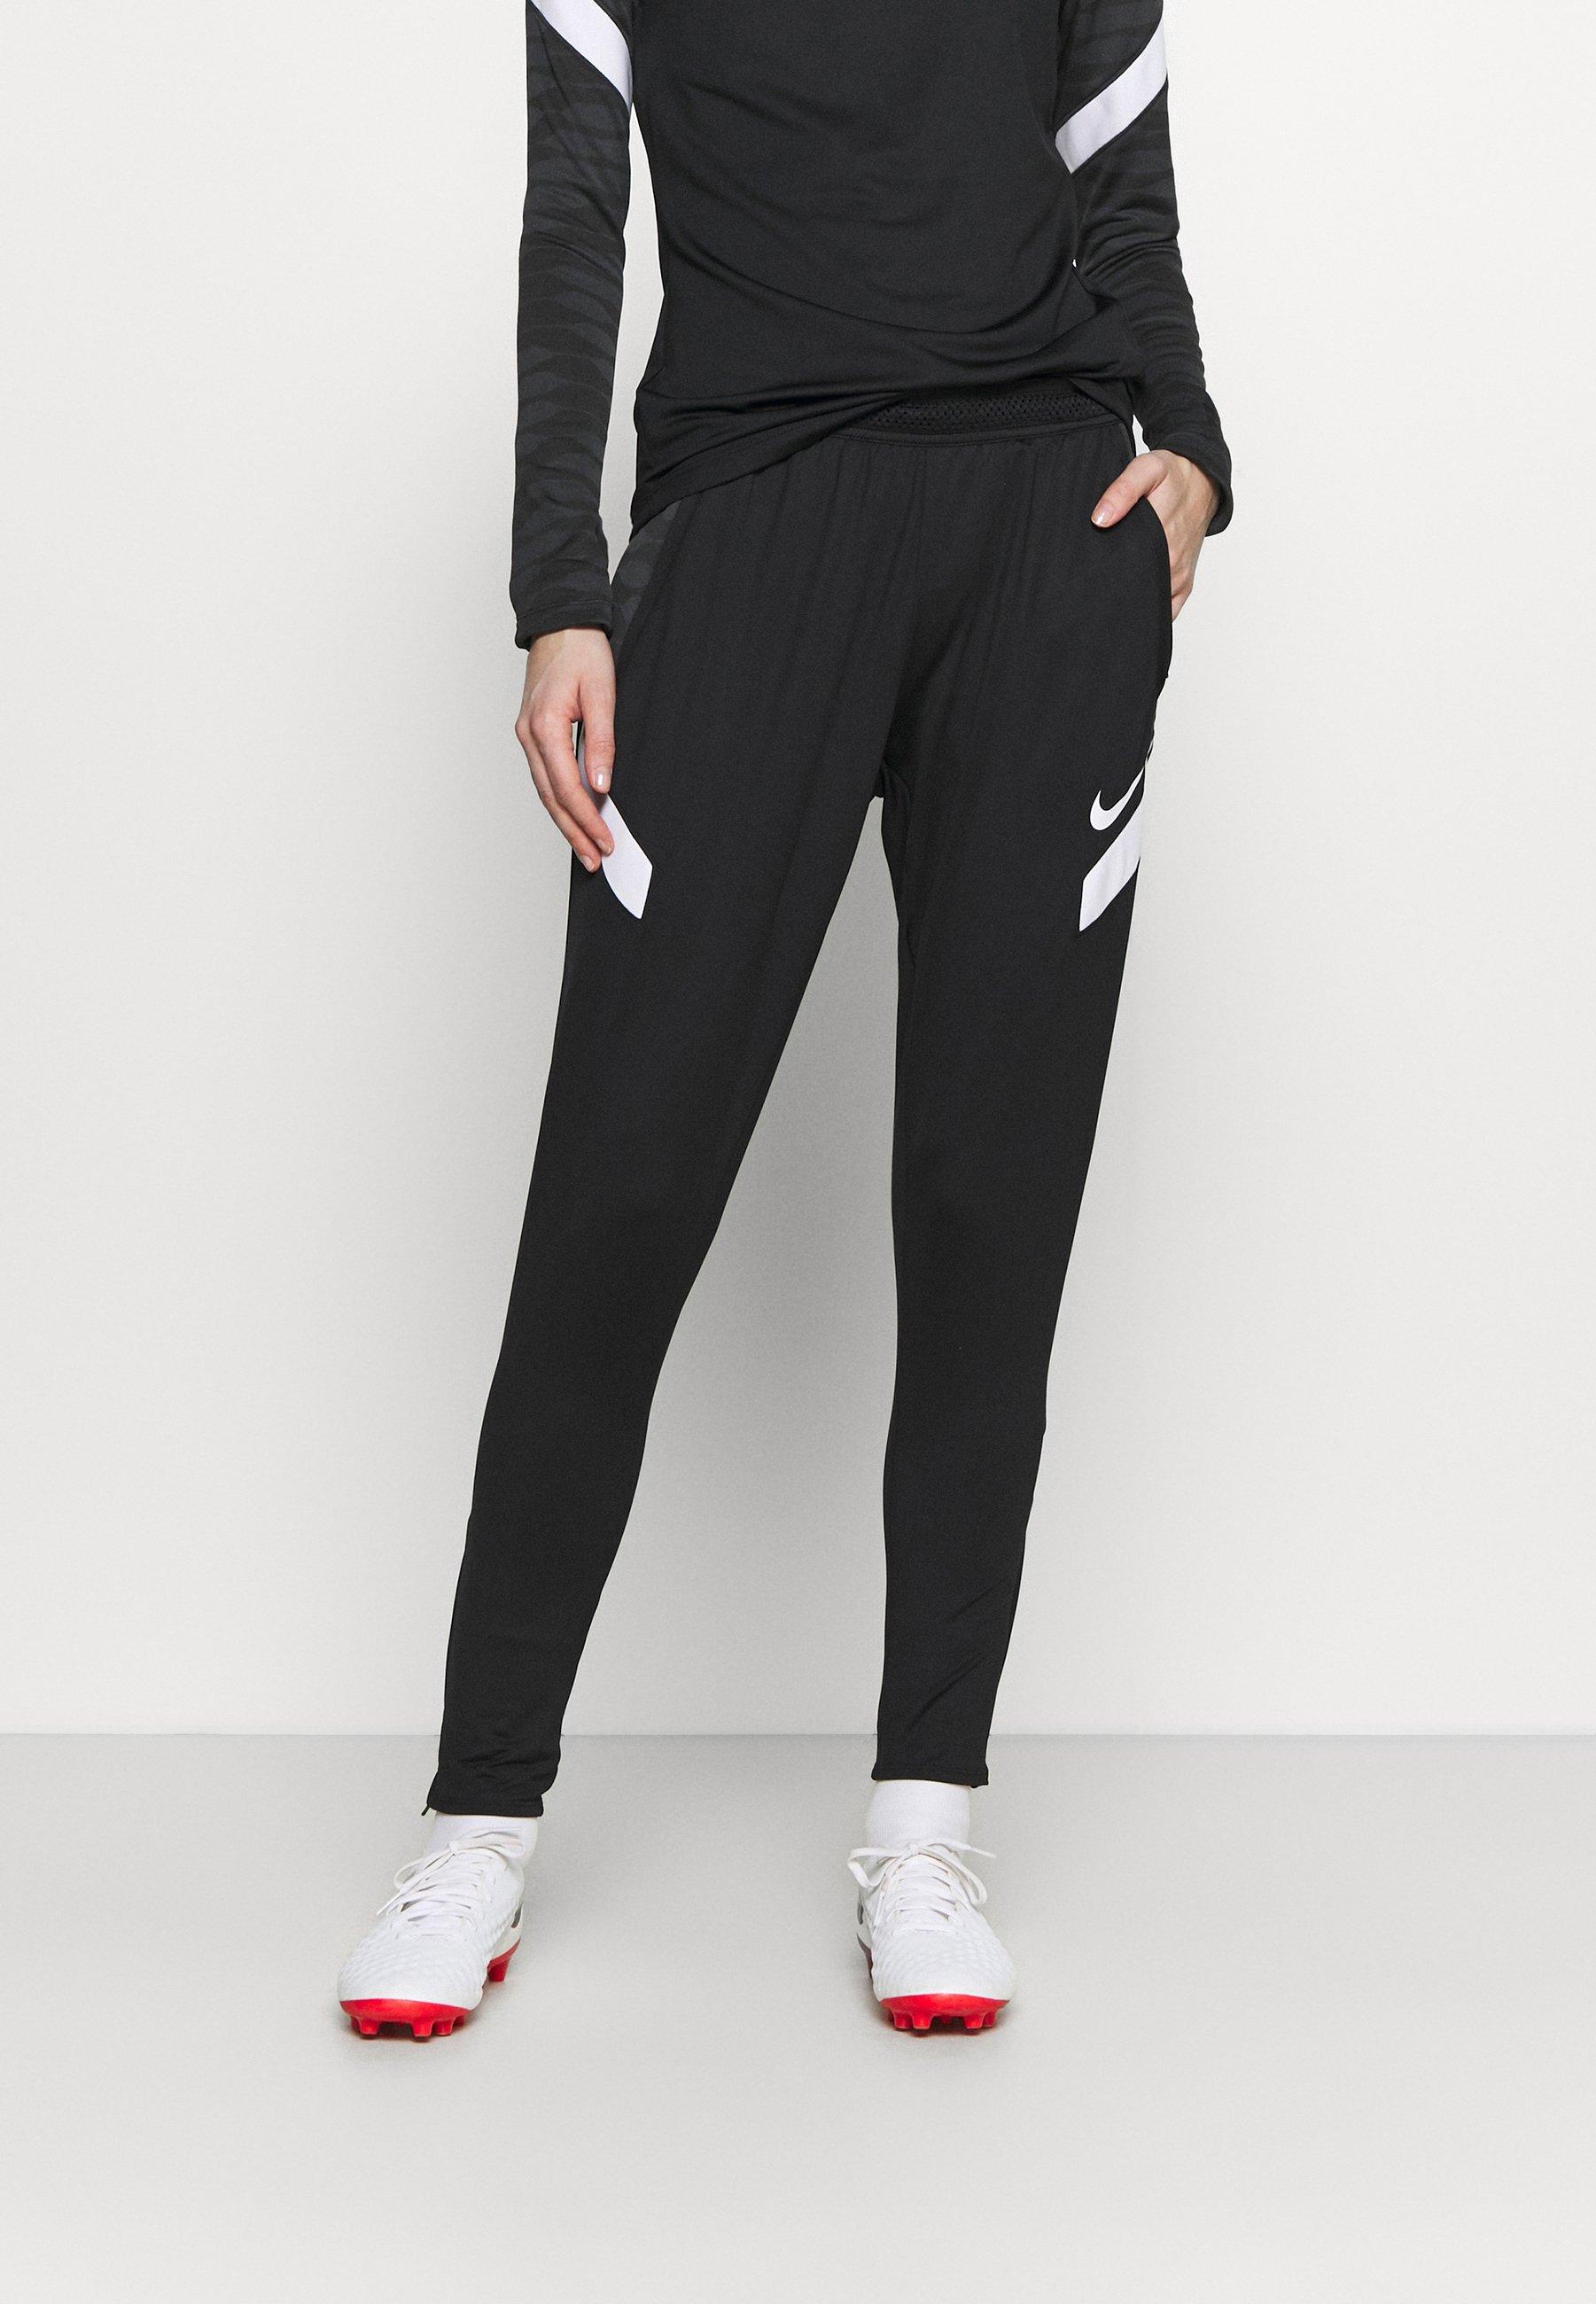 Femme STRIKE21 PANT - Pantalon de survêtement